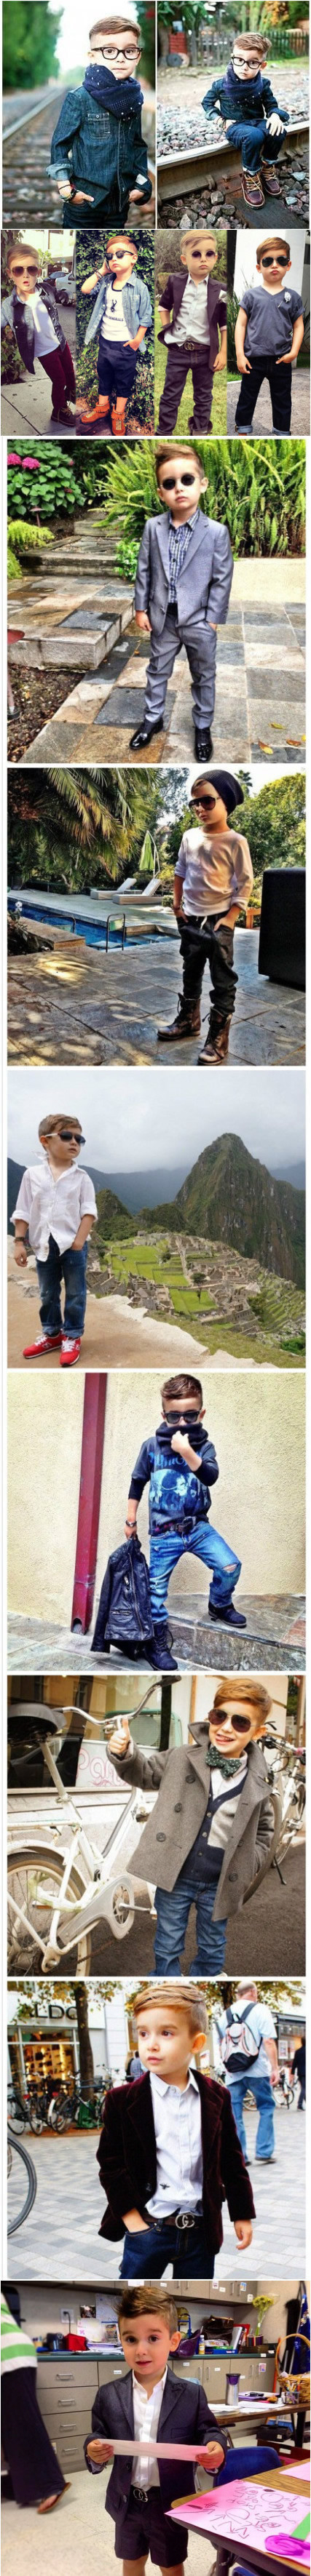 """这位名叫Alonso Mateo的小男孩来自美国加州,他因有型有款的穿搭而光速走红。可能是受设计师妈妈的影响,这个年仅5岁的小小只时尚达人可以轻松驾驭各种套装,他的个性style成功地鼓舞了众多赶时髦的""""老""""男人。「转」PS:长大了又是一枚妖孽!!!"""